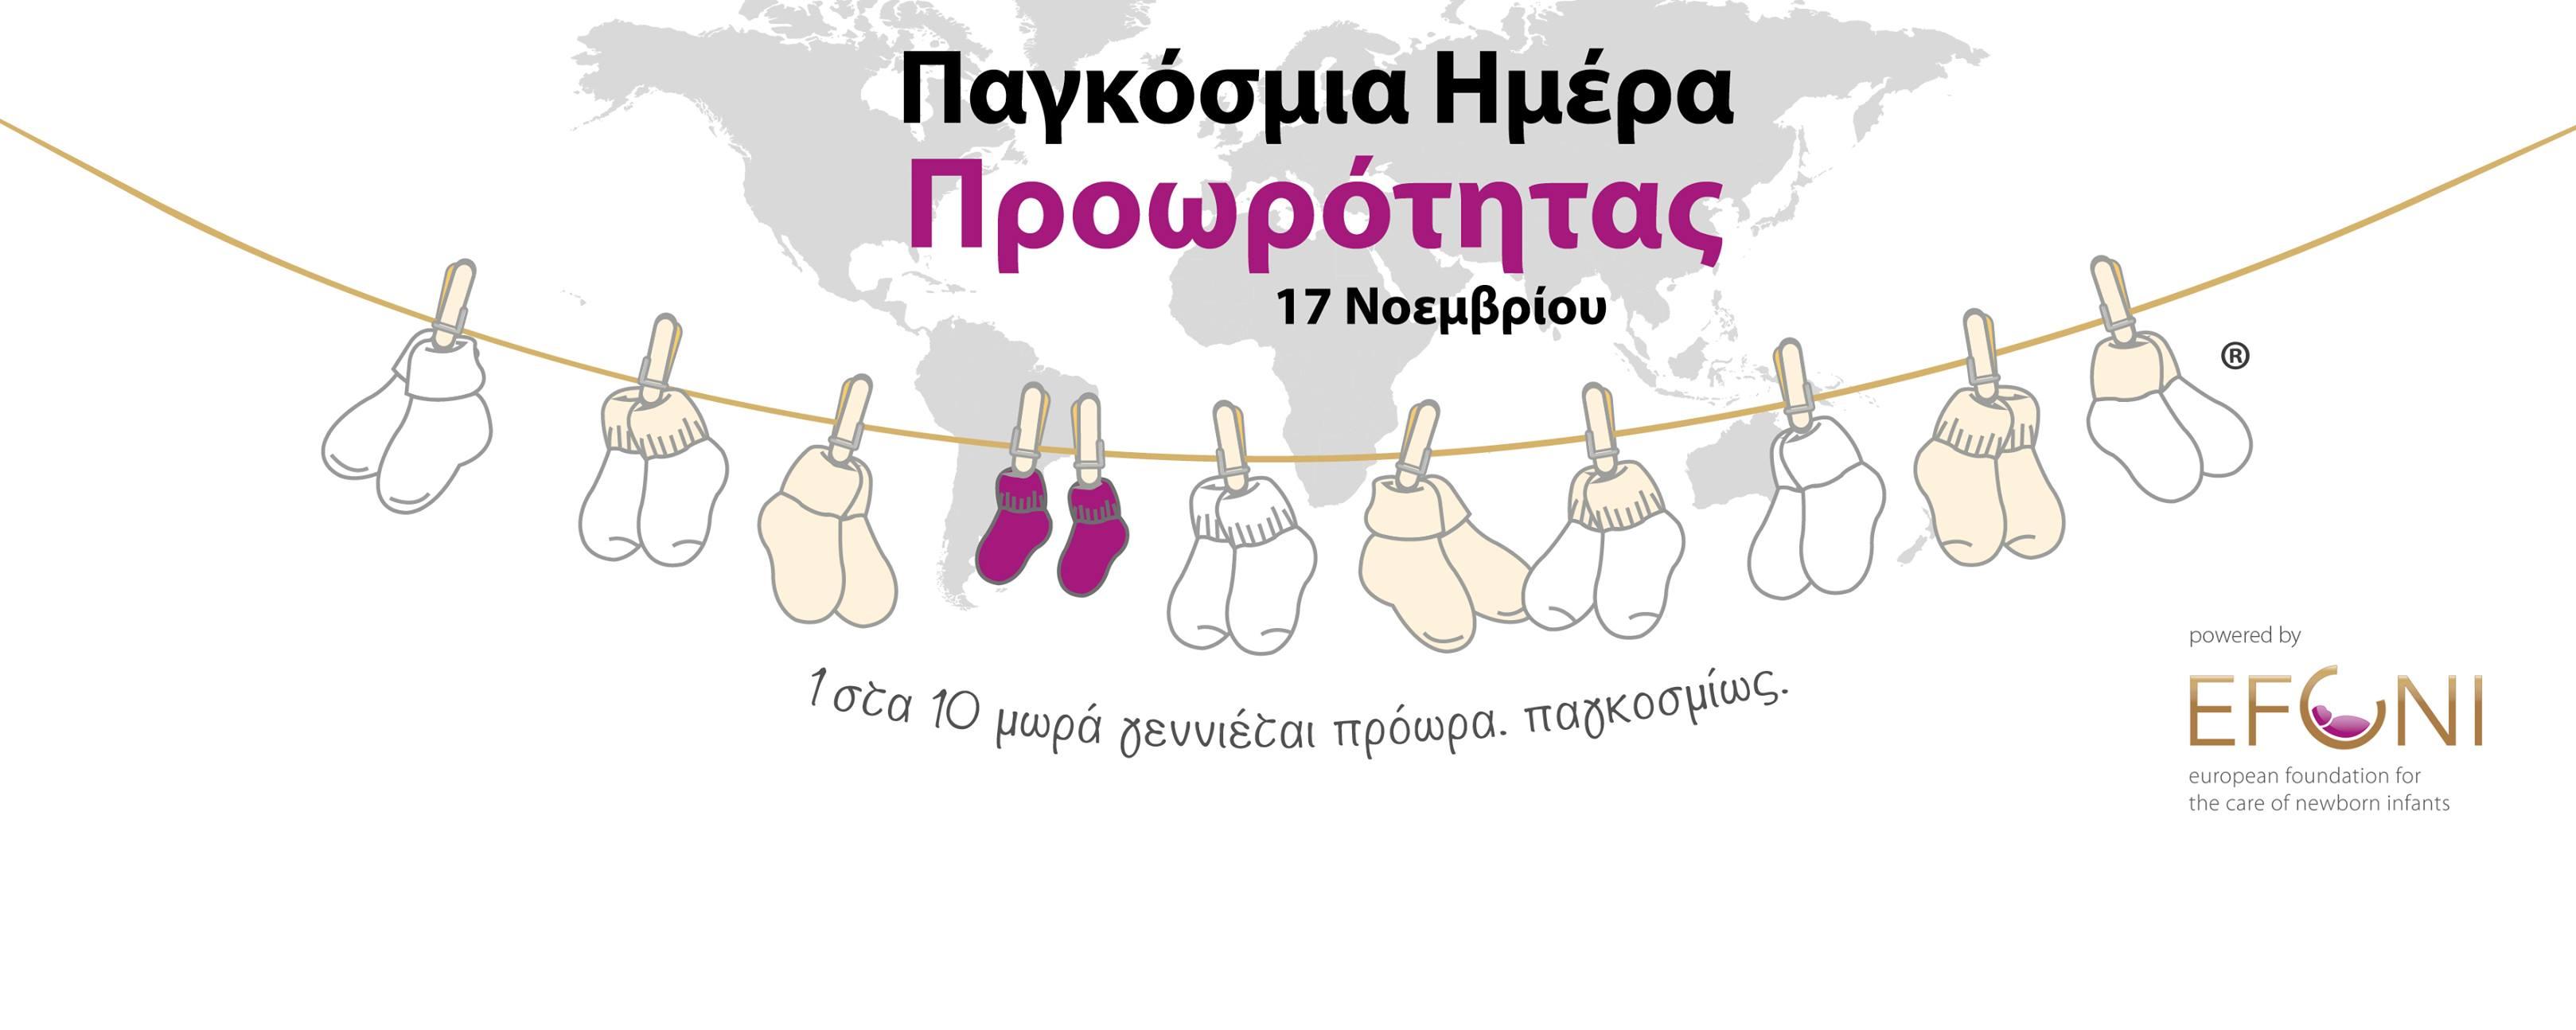 17 Νοεμβρίου: Παγκόσμια Ημέρα Προωρότητας